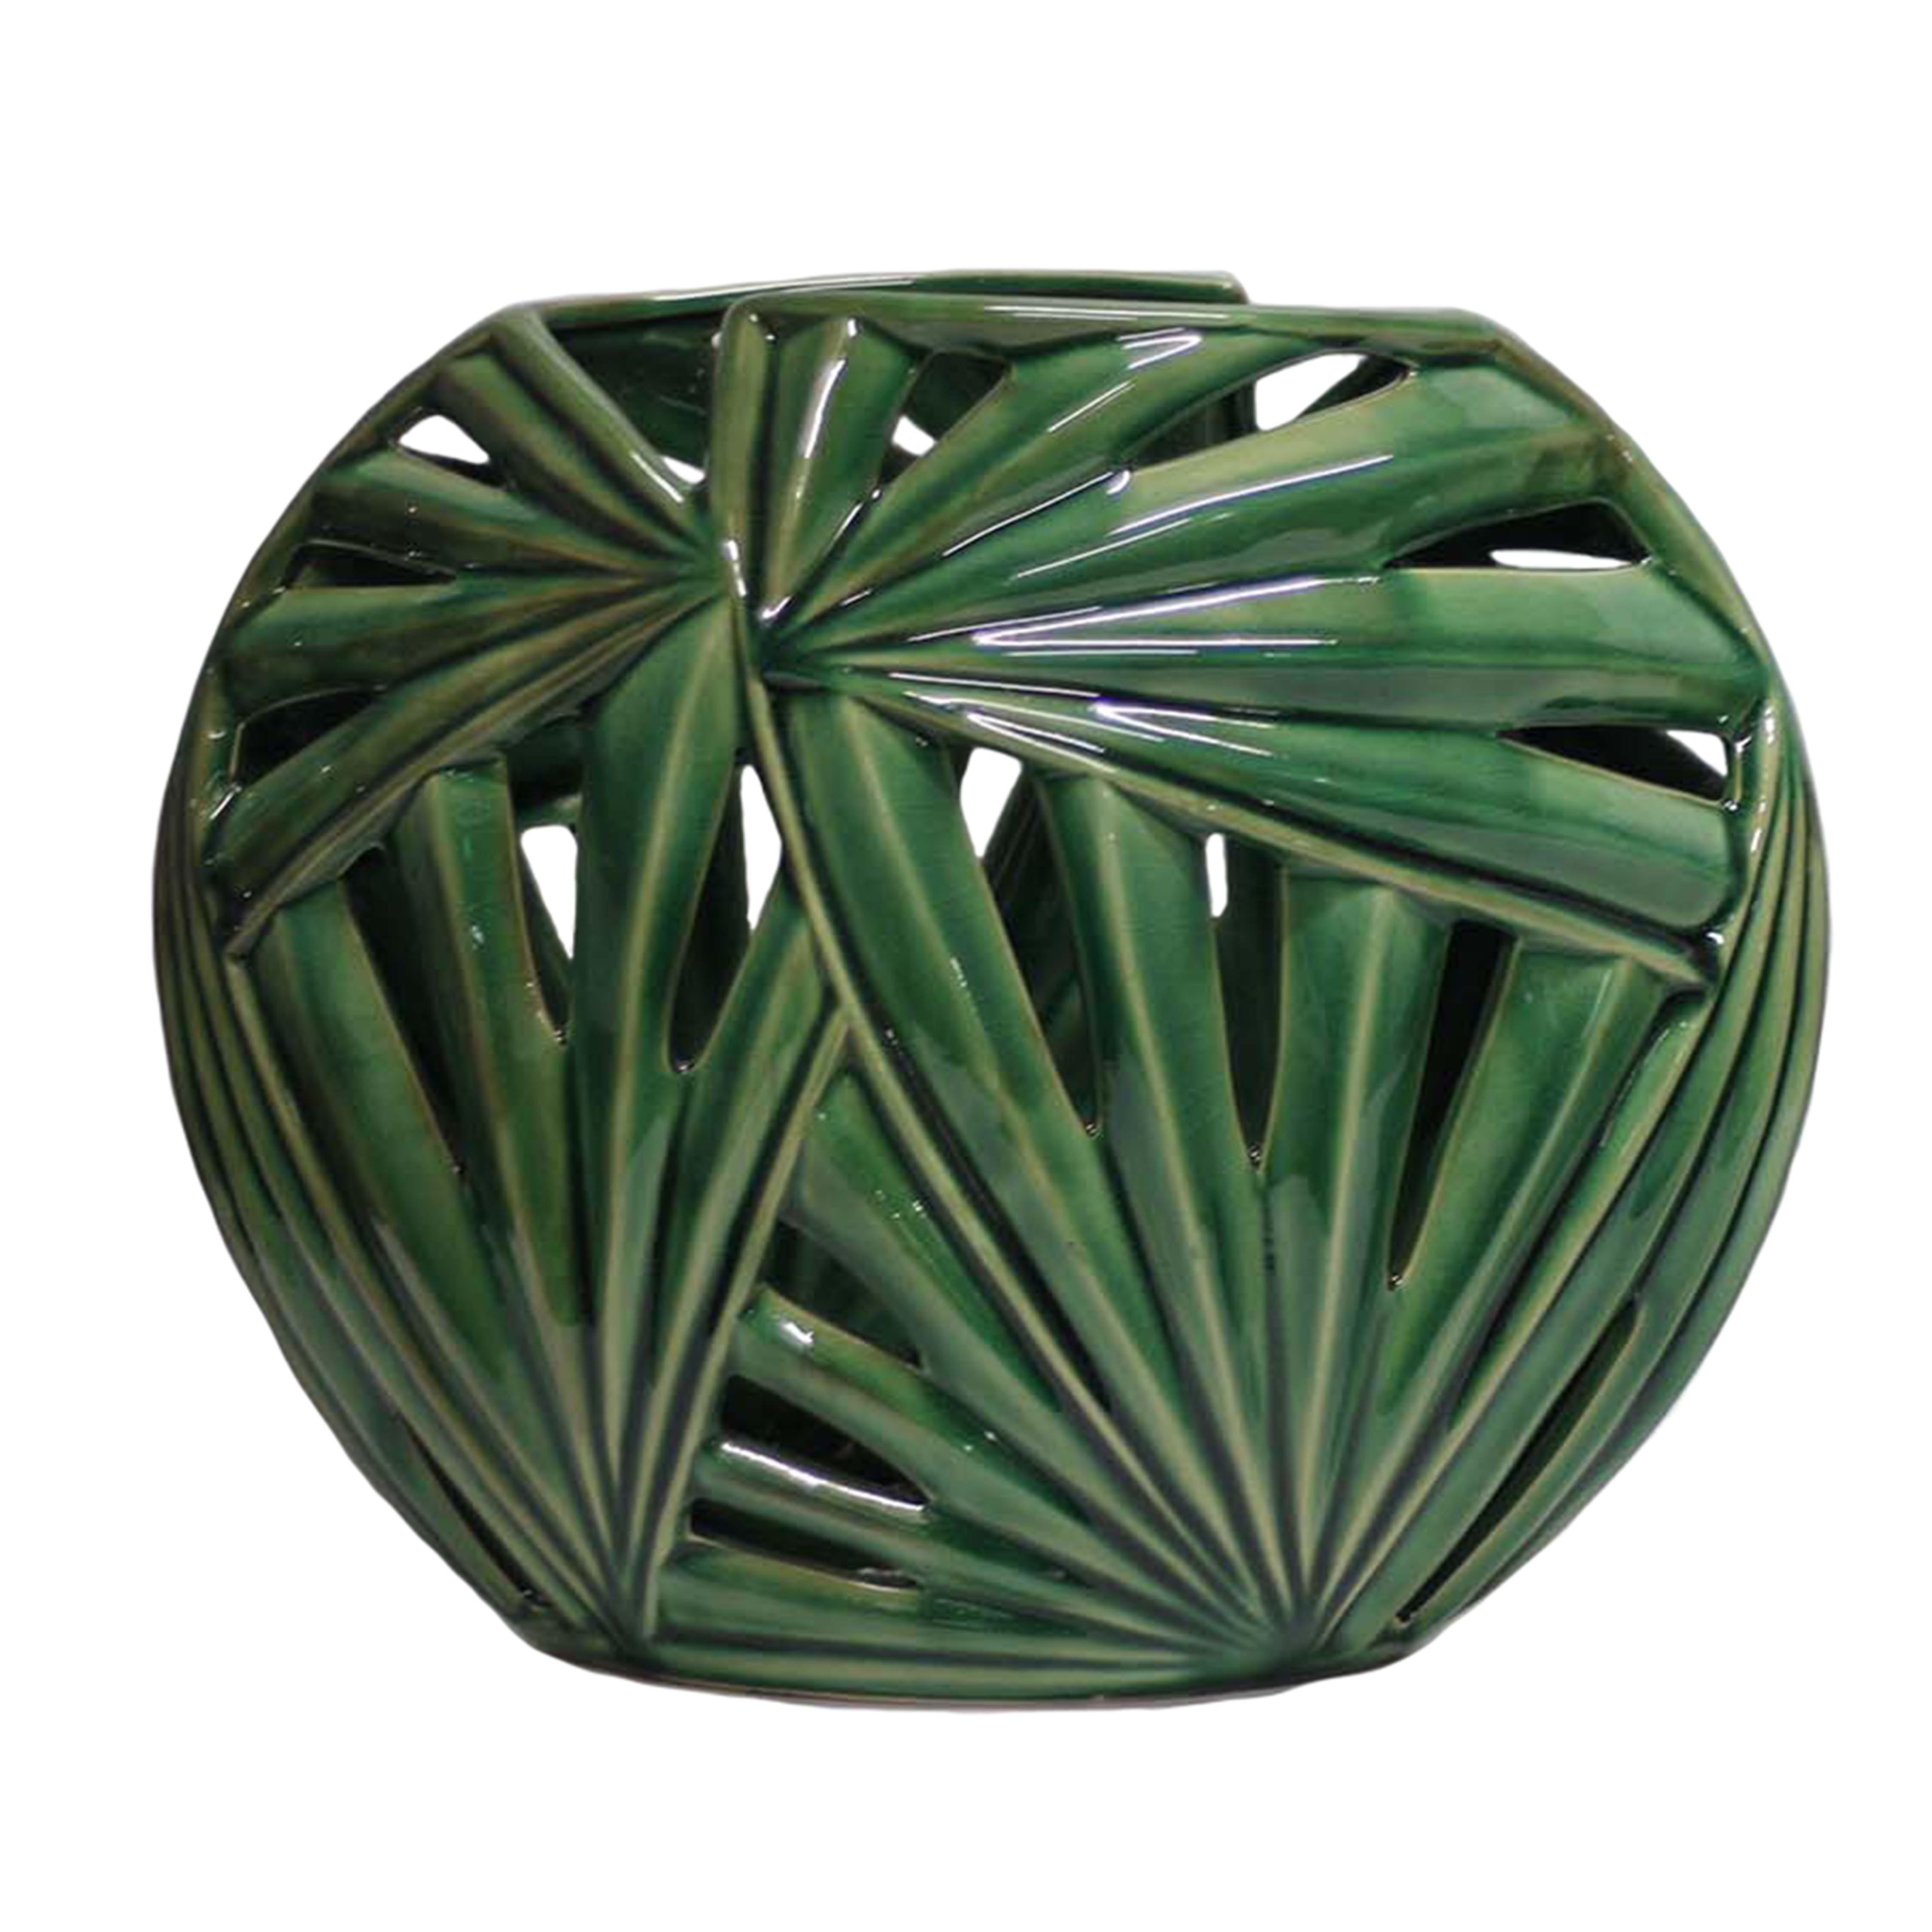 Sagebrook Home 13660-02 Palm Frond vase